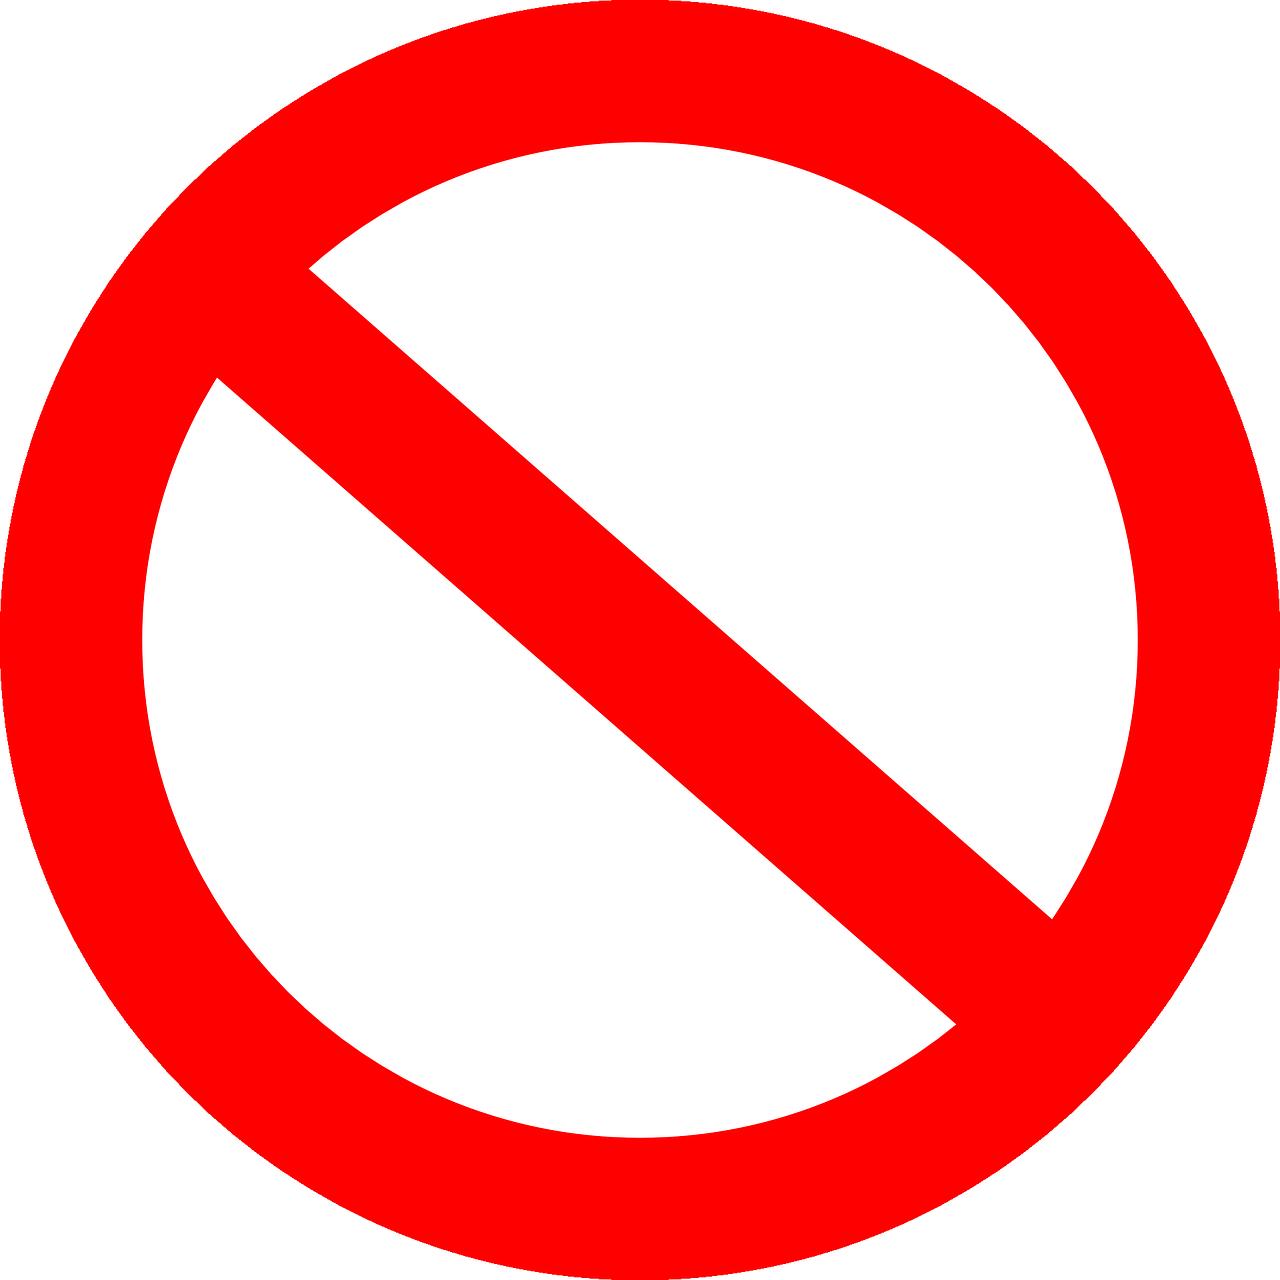 Poduszka dla taty - Podziękowanie od dziecka (czarno-biała)